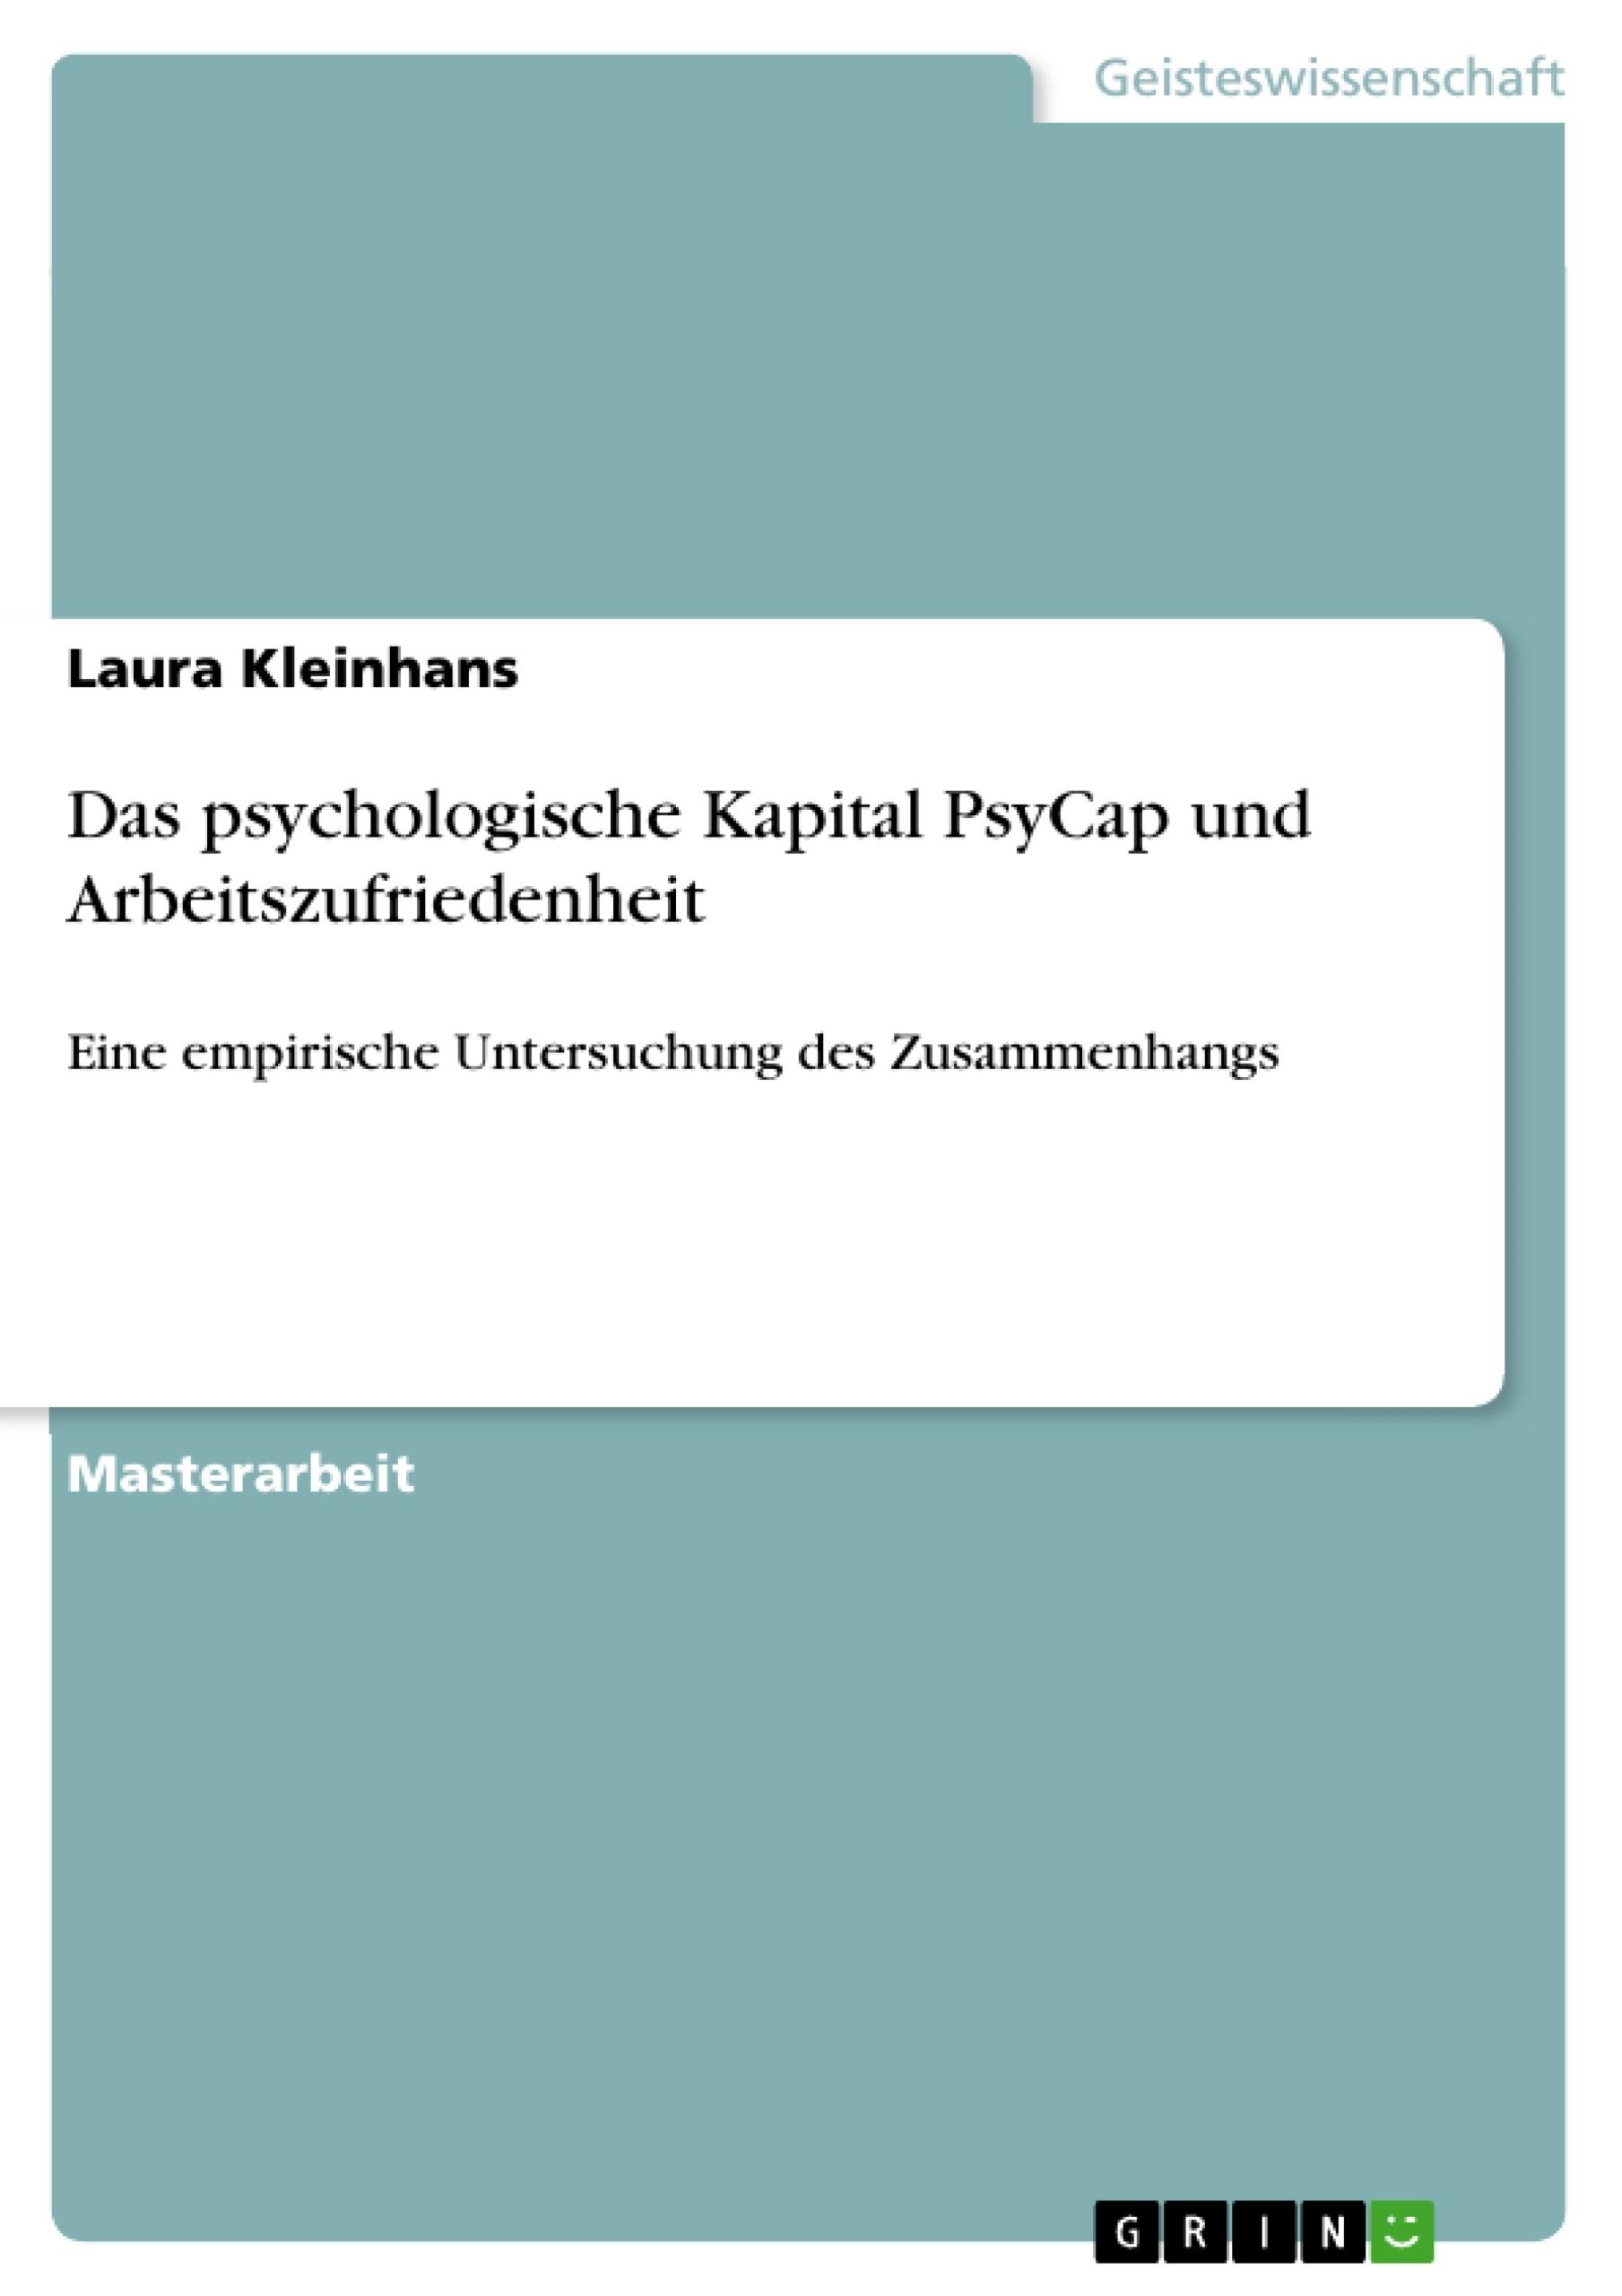 Titel: Das psychologische Kapital PsyCap und Arbeitszufriedenheit